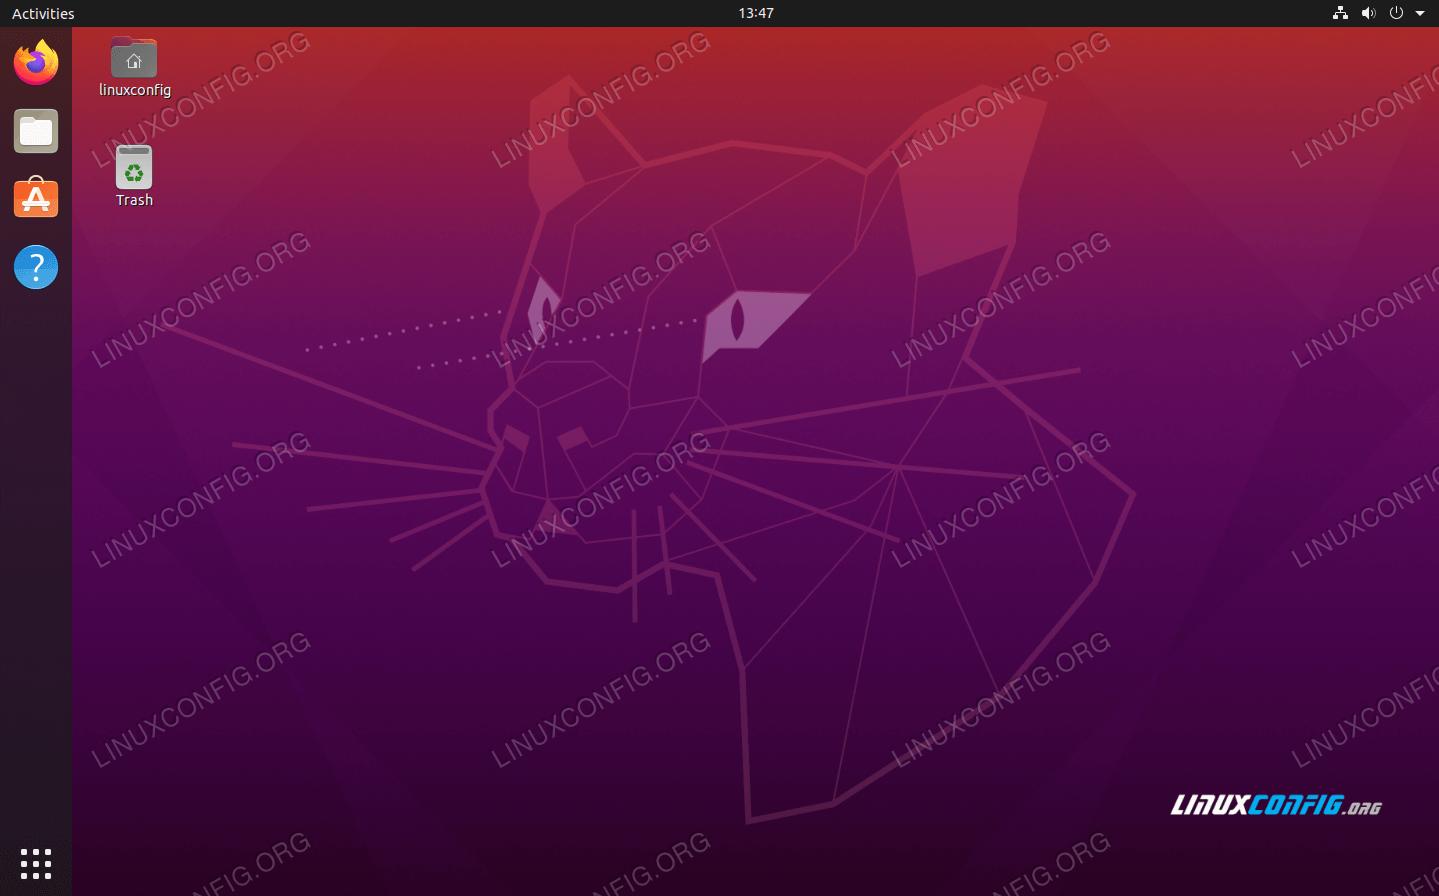 Focal Fossa's new wallpaper and desktop